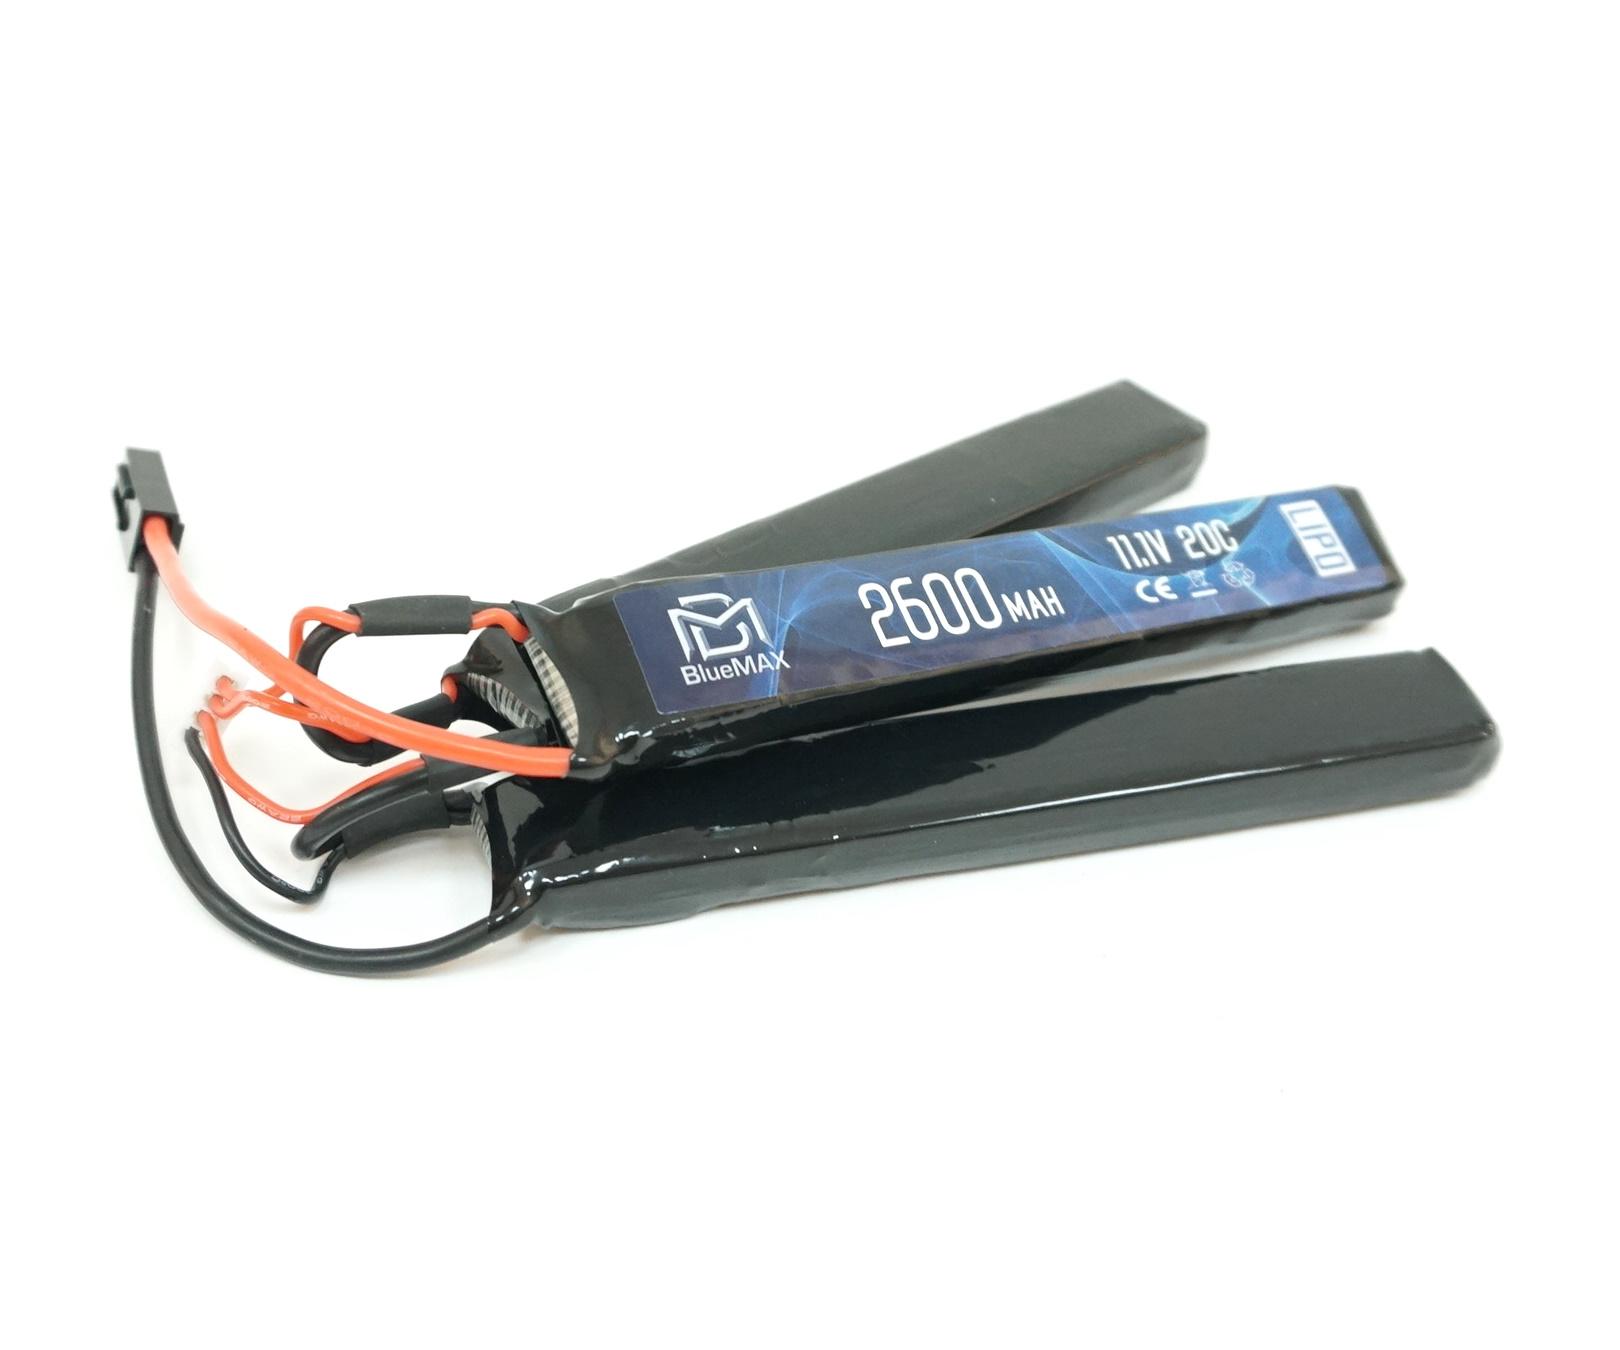 Аккумулятор BlueMAX Li-Po 11.1V 2600mah 20C, 3 x (128x20x10) мм (триплет)